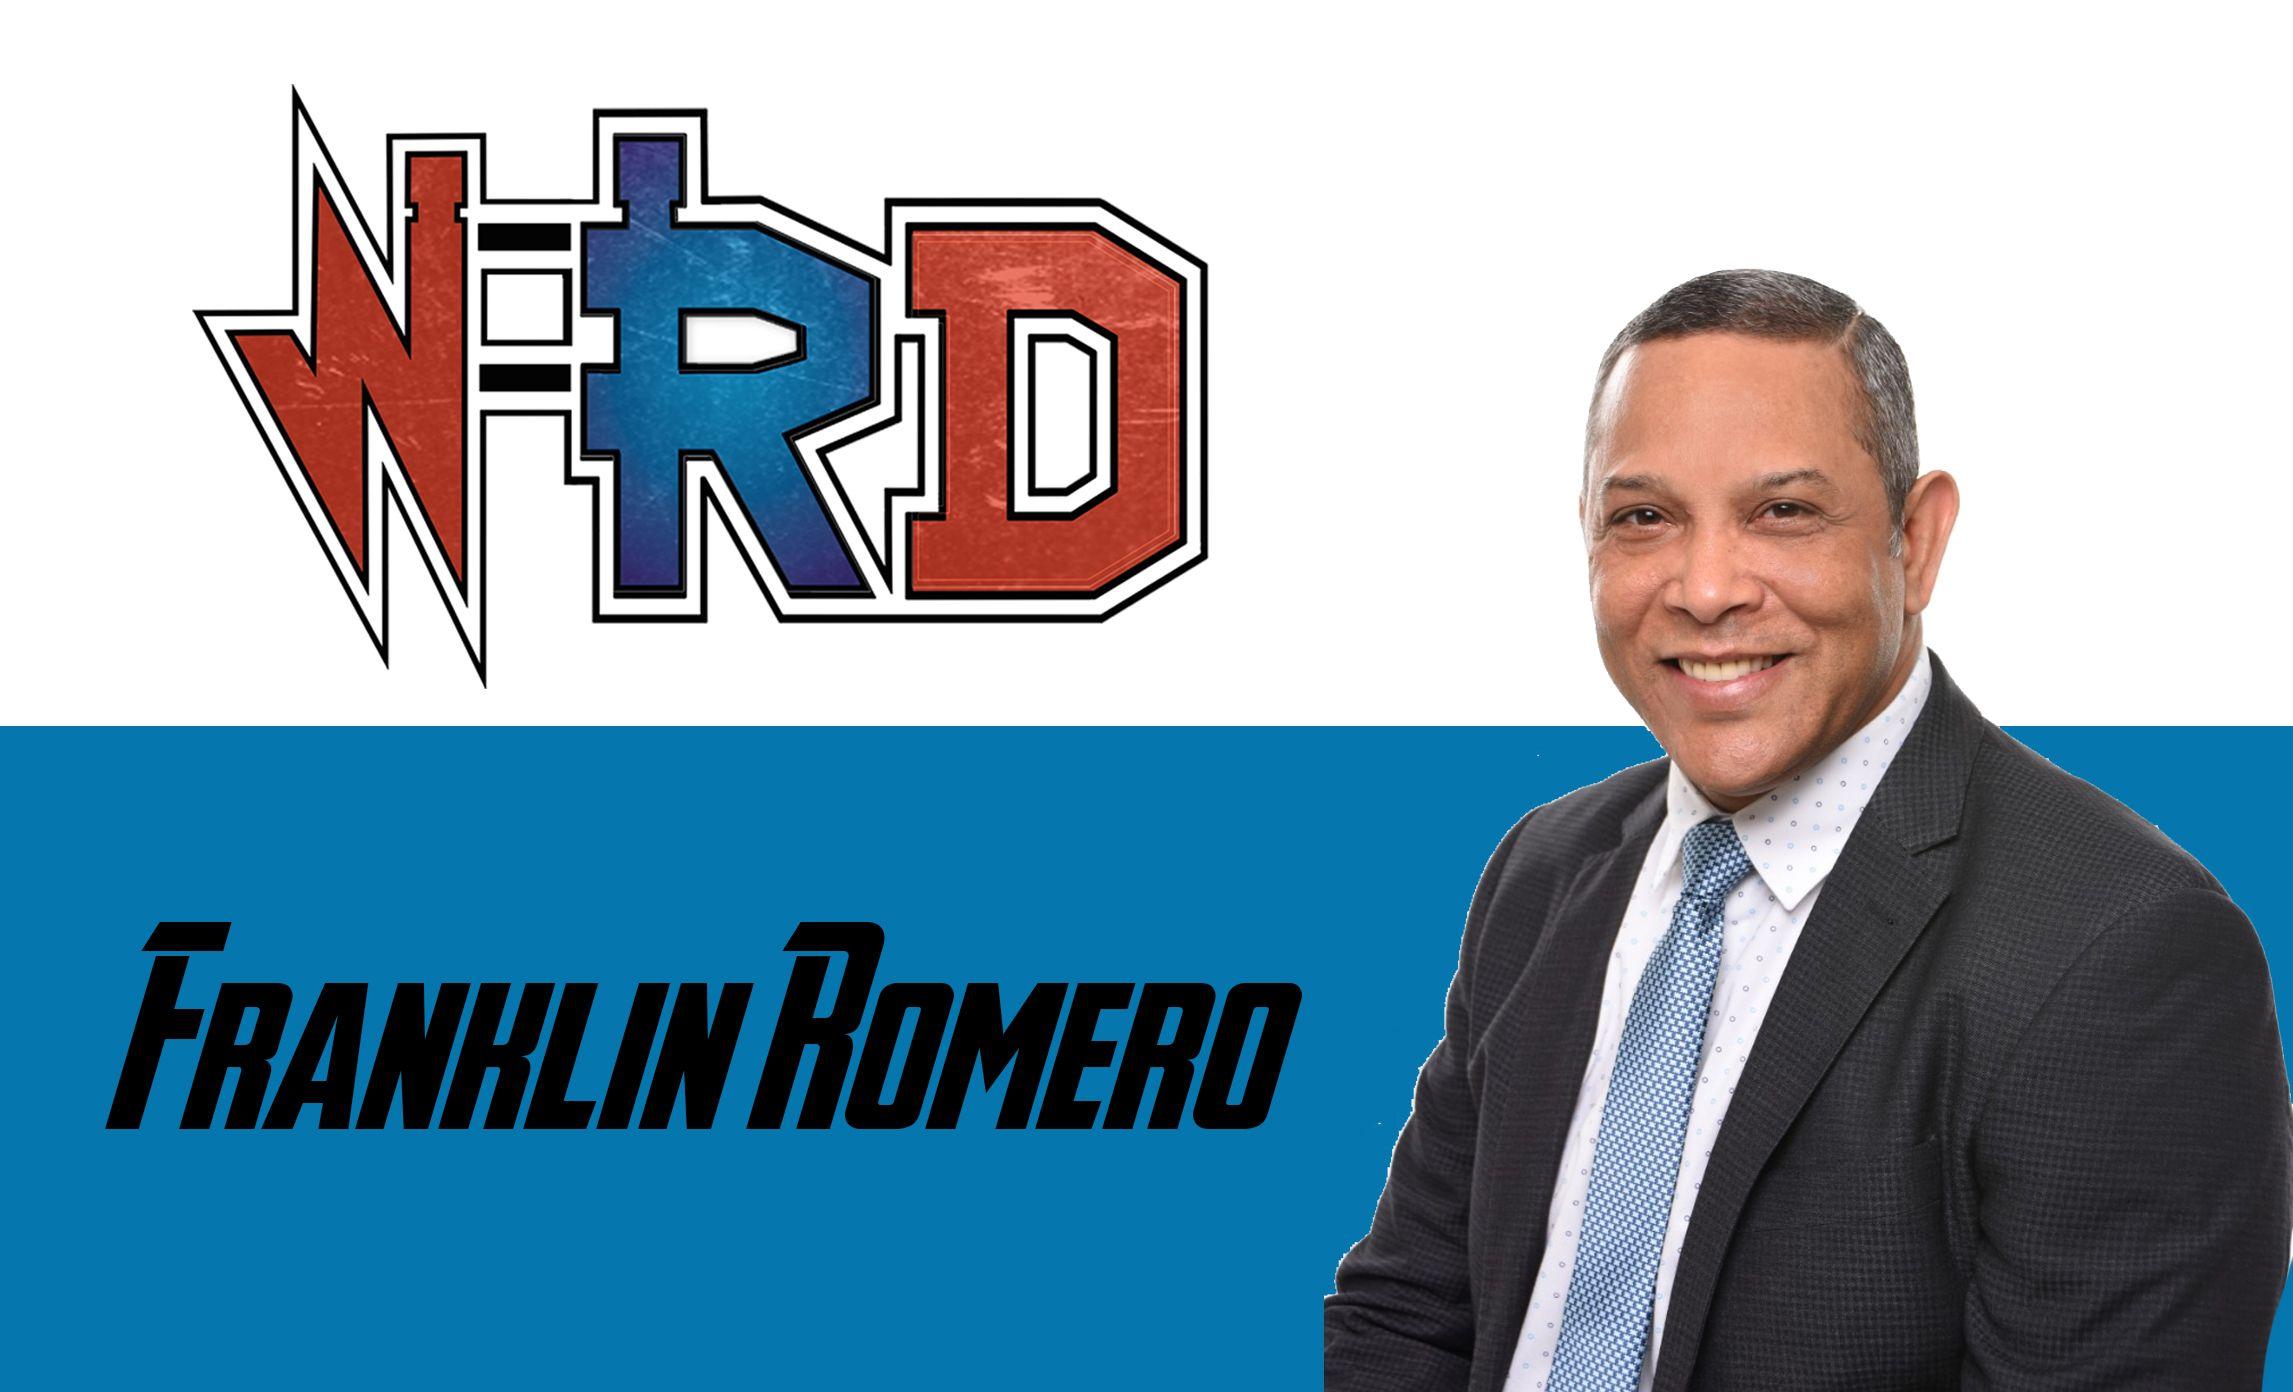 franklin romero hace donativo a WrestlingRD